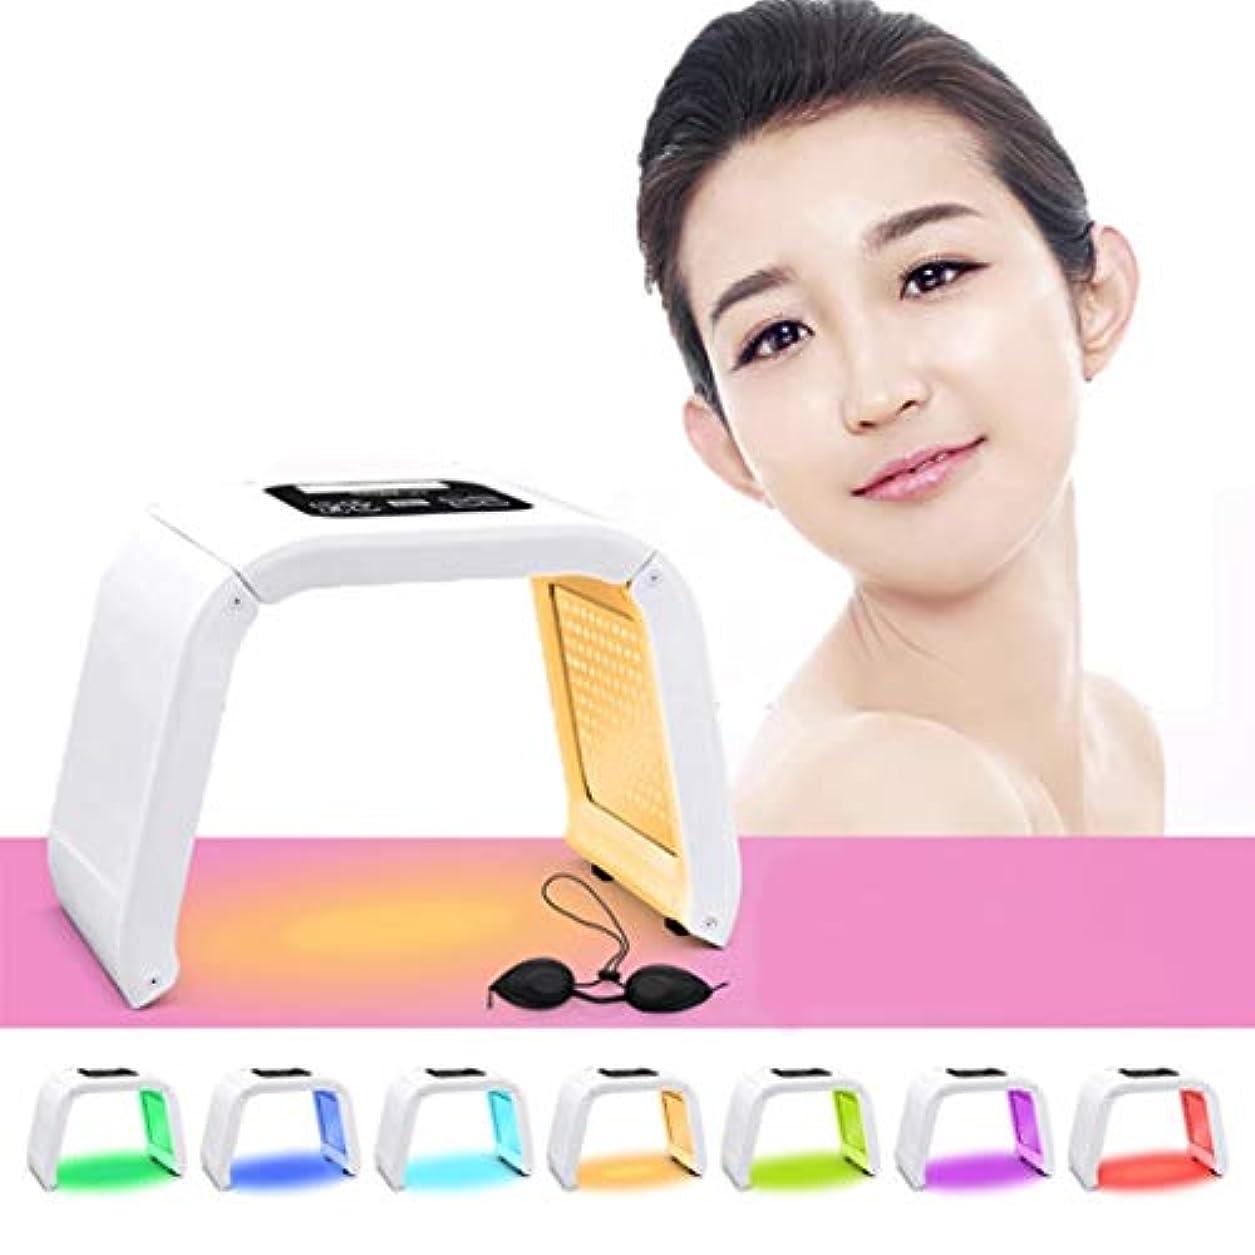 ワークショップ立法約束する若返りLED機器を皮膚、7色のLEDライトポータブル光子PDTにきび治療しわ除去健康な肌の若返りコラーゲンのためのアンチエイジング